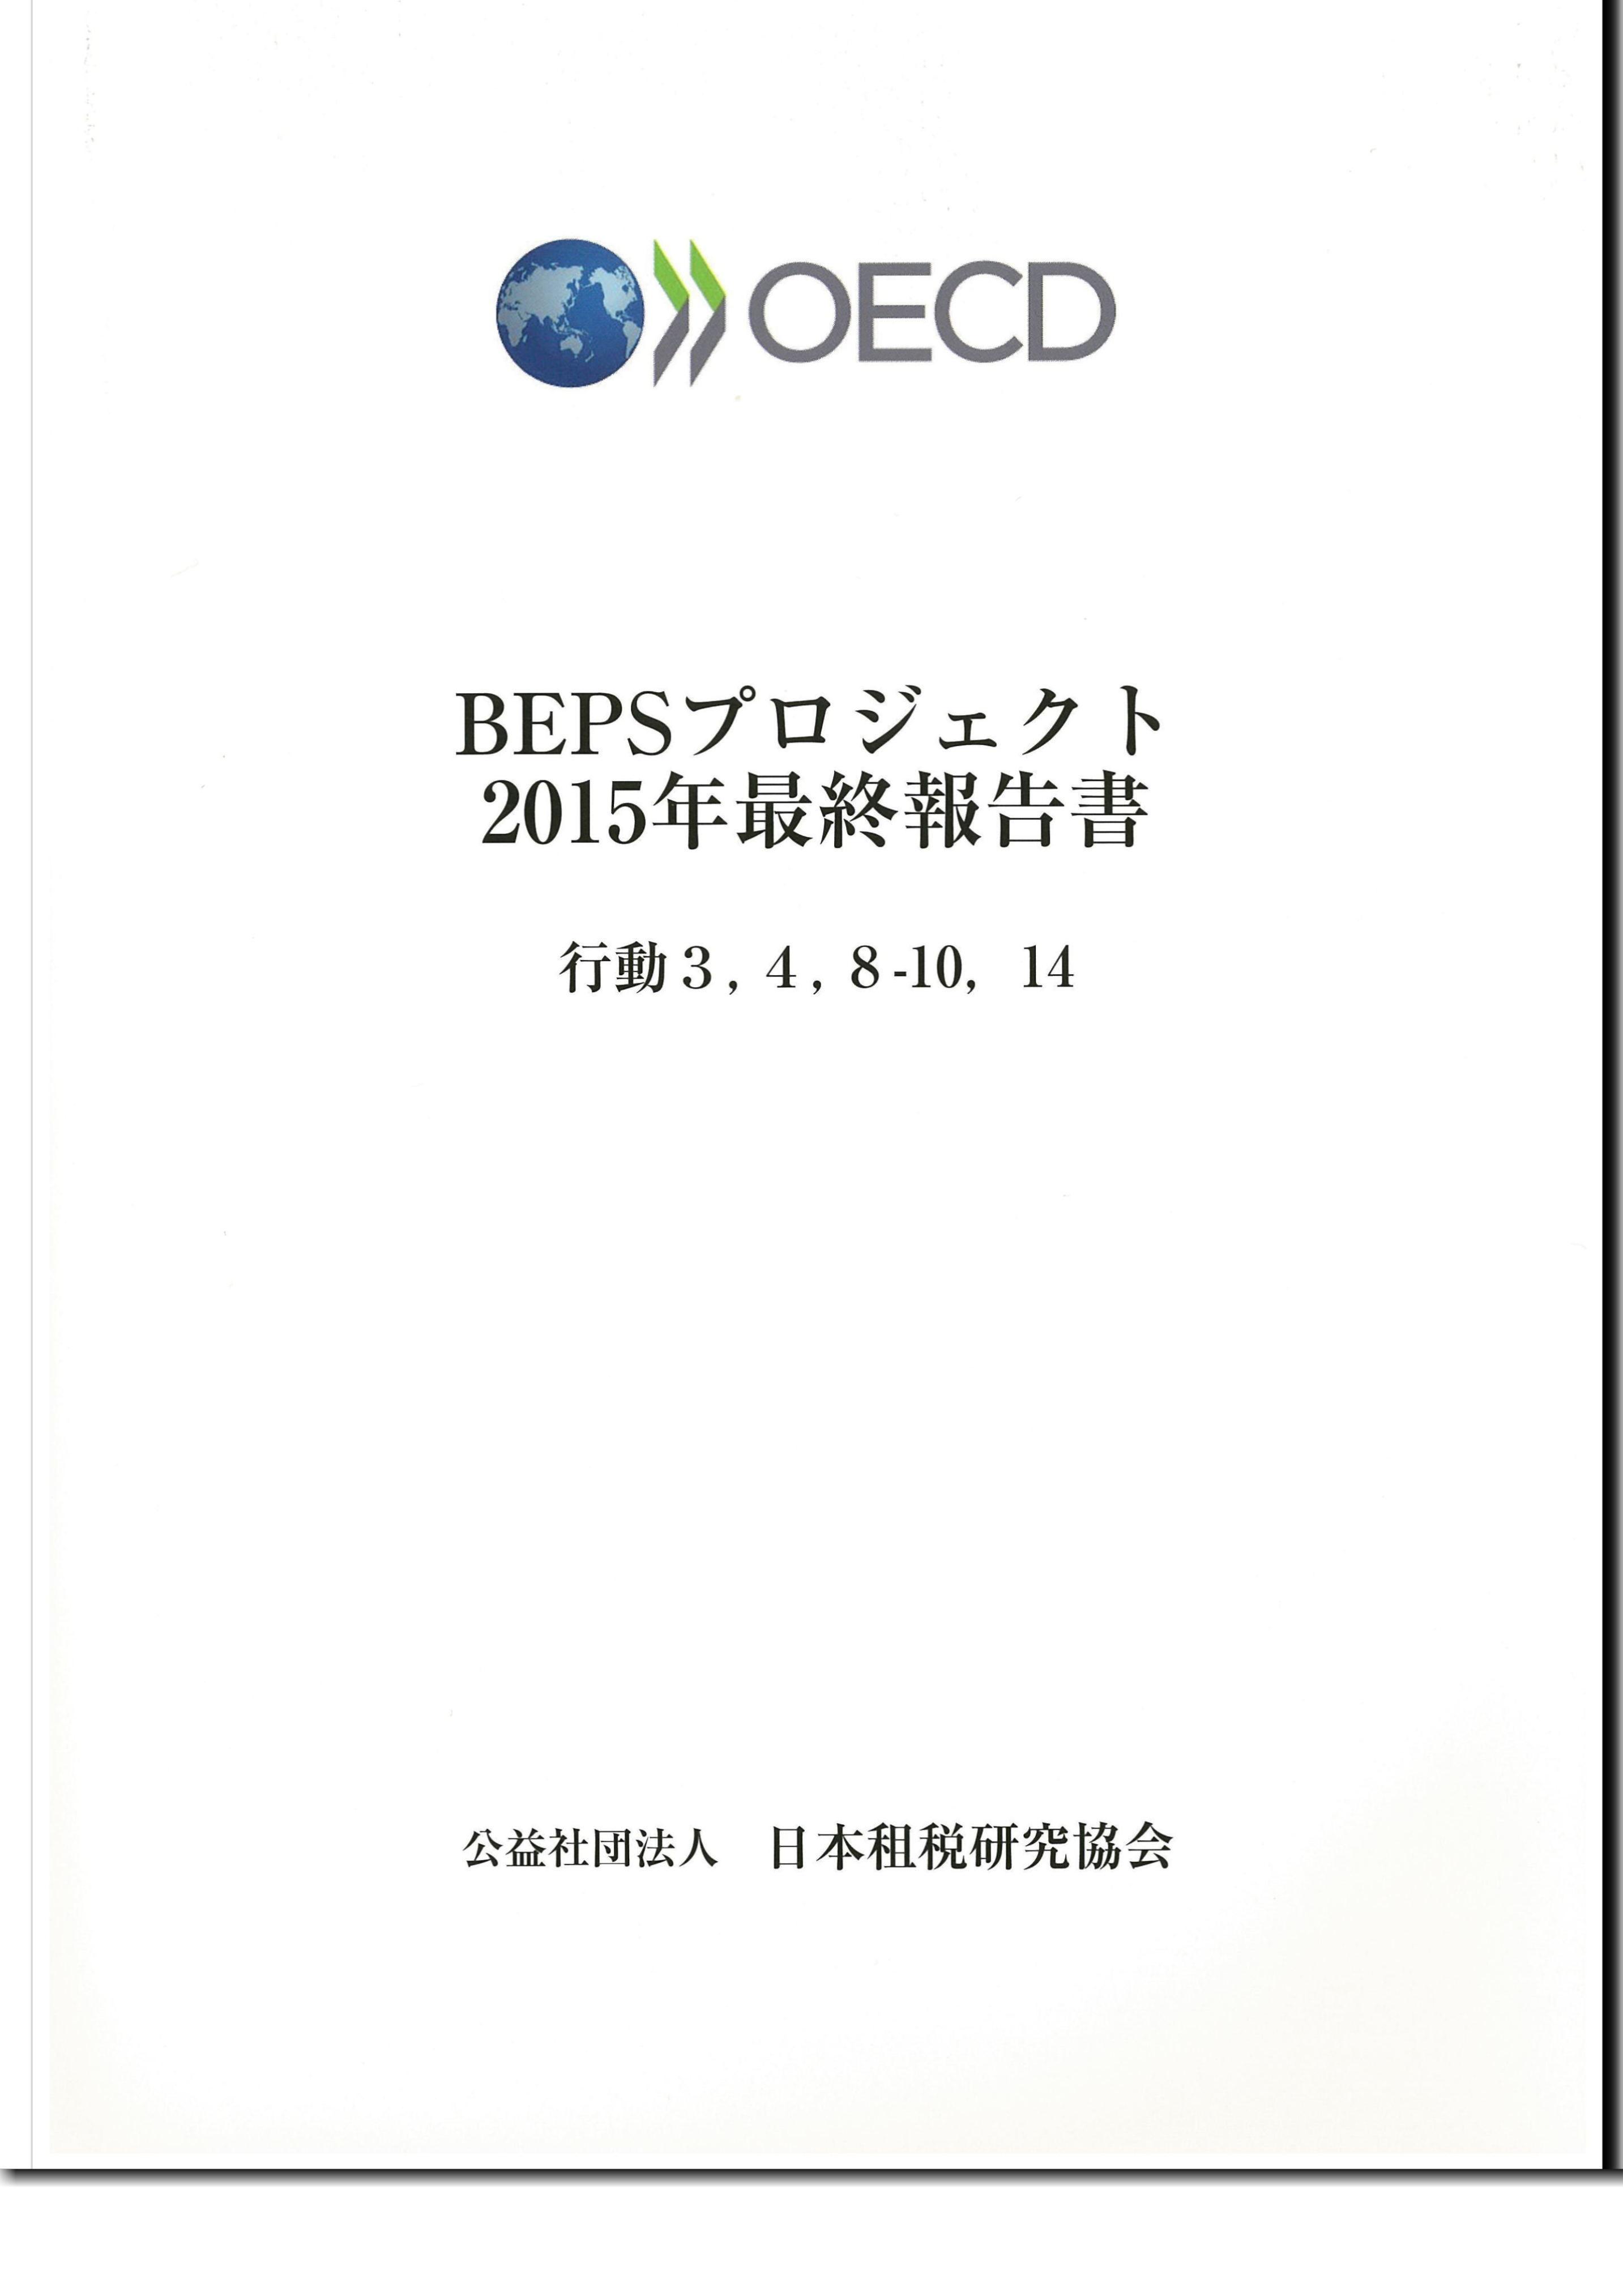 OECD BEPSプロジェクト2015年最終報告書 行動3,4,8-10,14